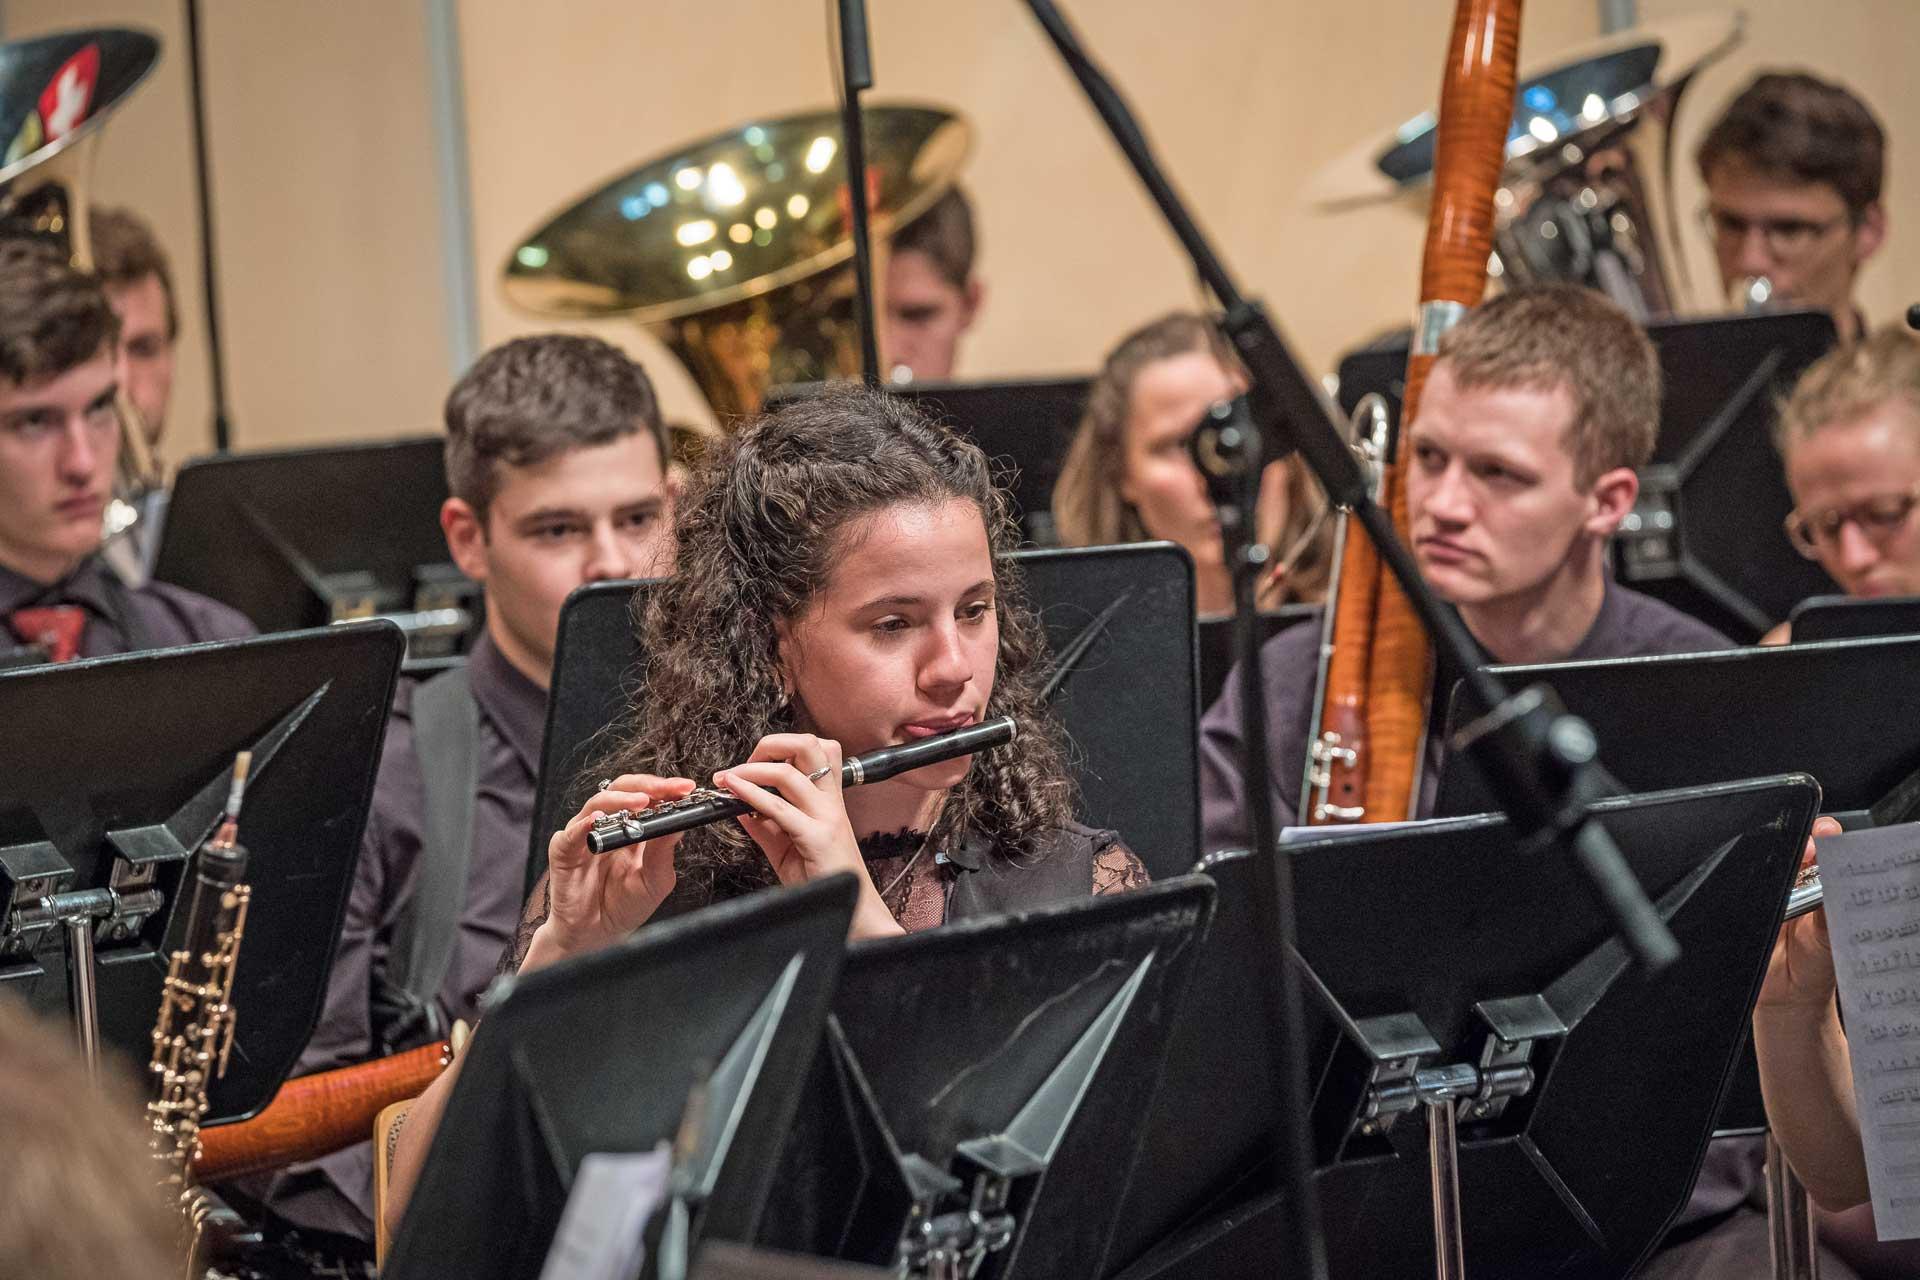 Die Noten richtig lesen, aufeinander hören: Was im Orchester wichtig ist, gilt auch im dualen System der Kirche. | © 2018 Roberto Conciatori